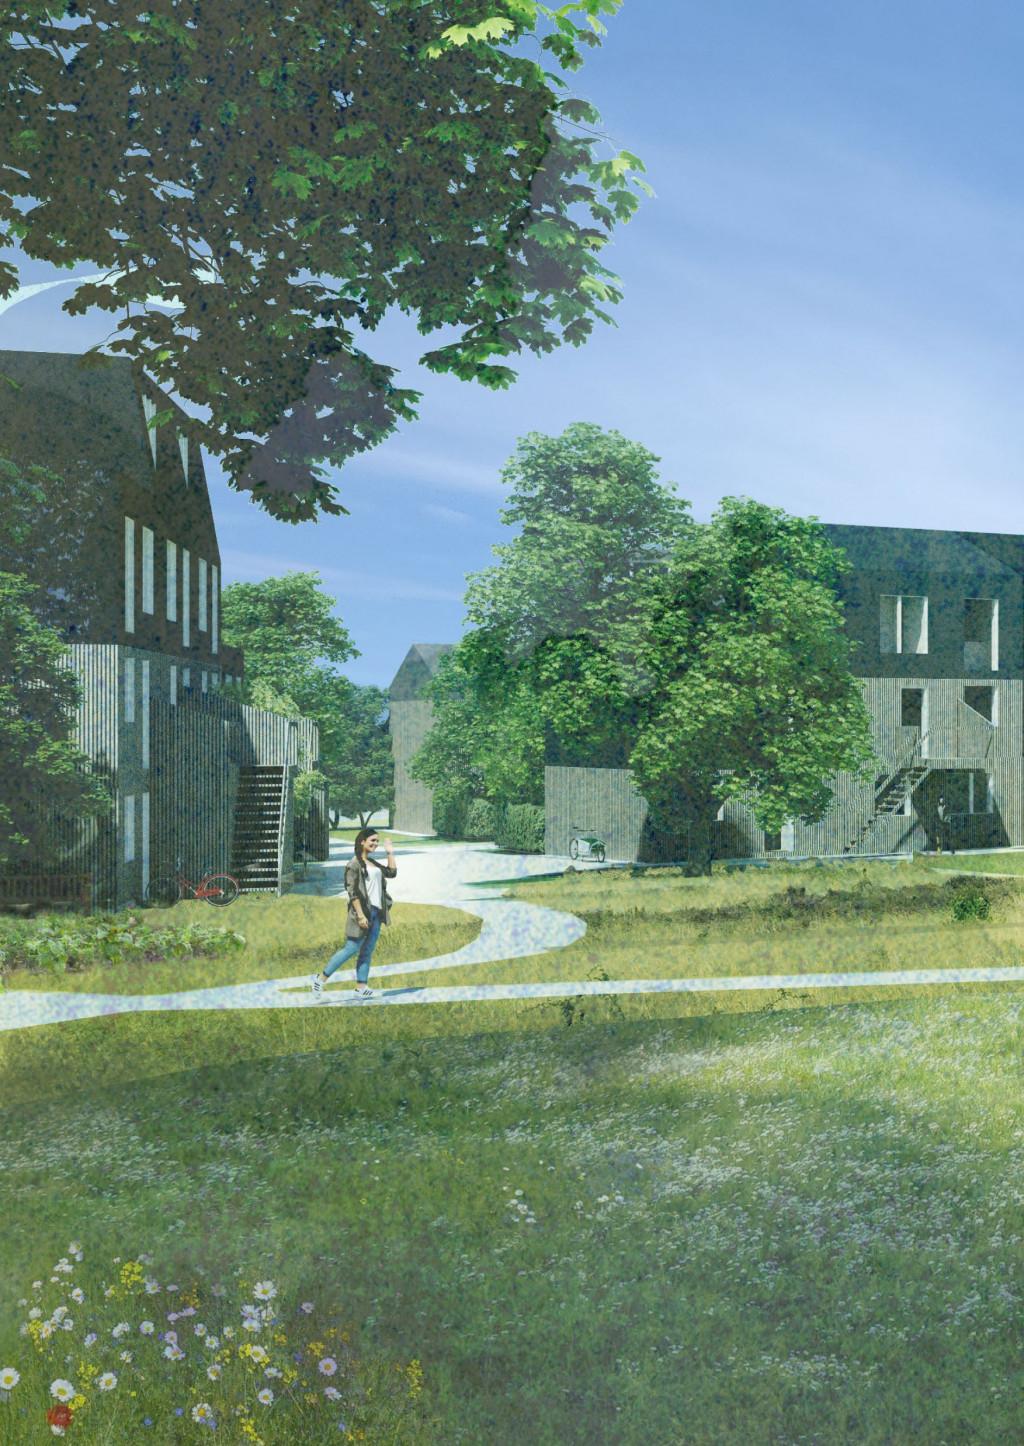 BÆREDYGTIGT BOFÆLLESSKAB I VINGE (Frederikssund) - B3_2_0c0d215f537f5621f53ac913a33bce80